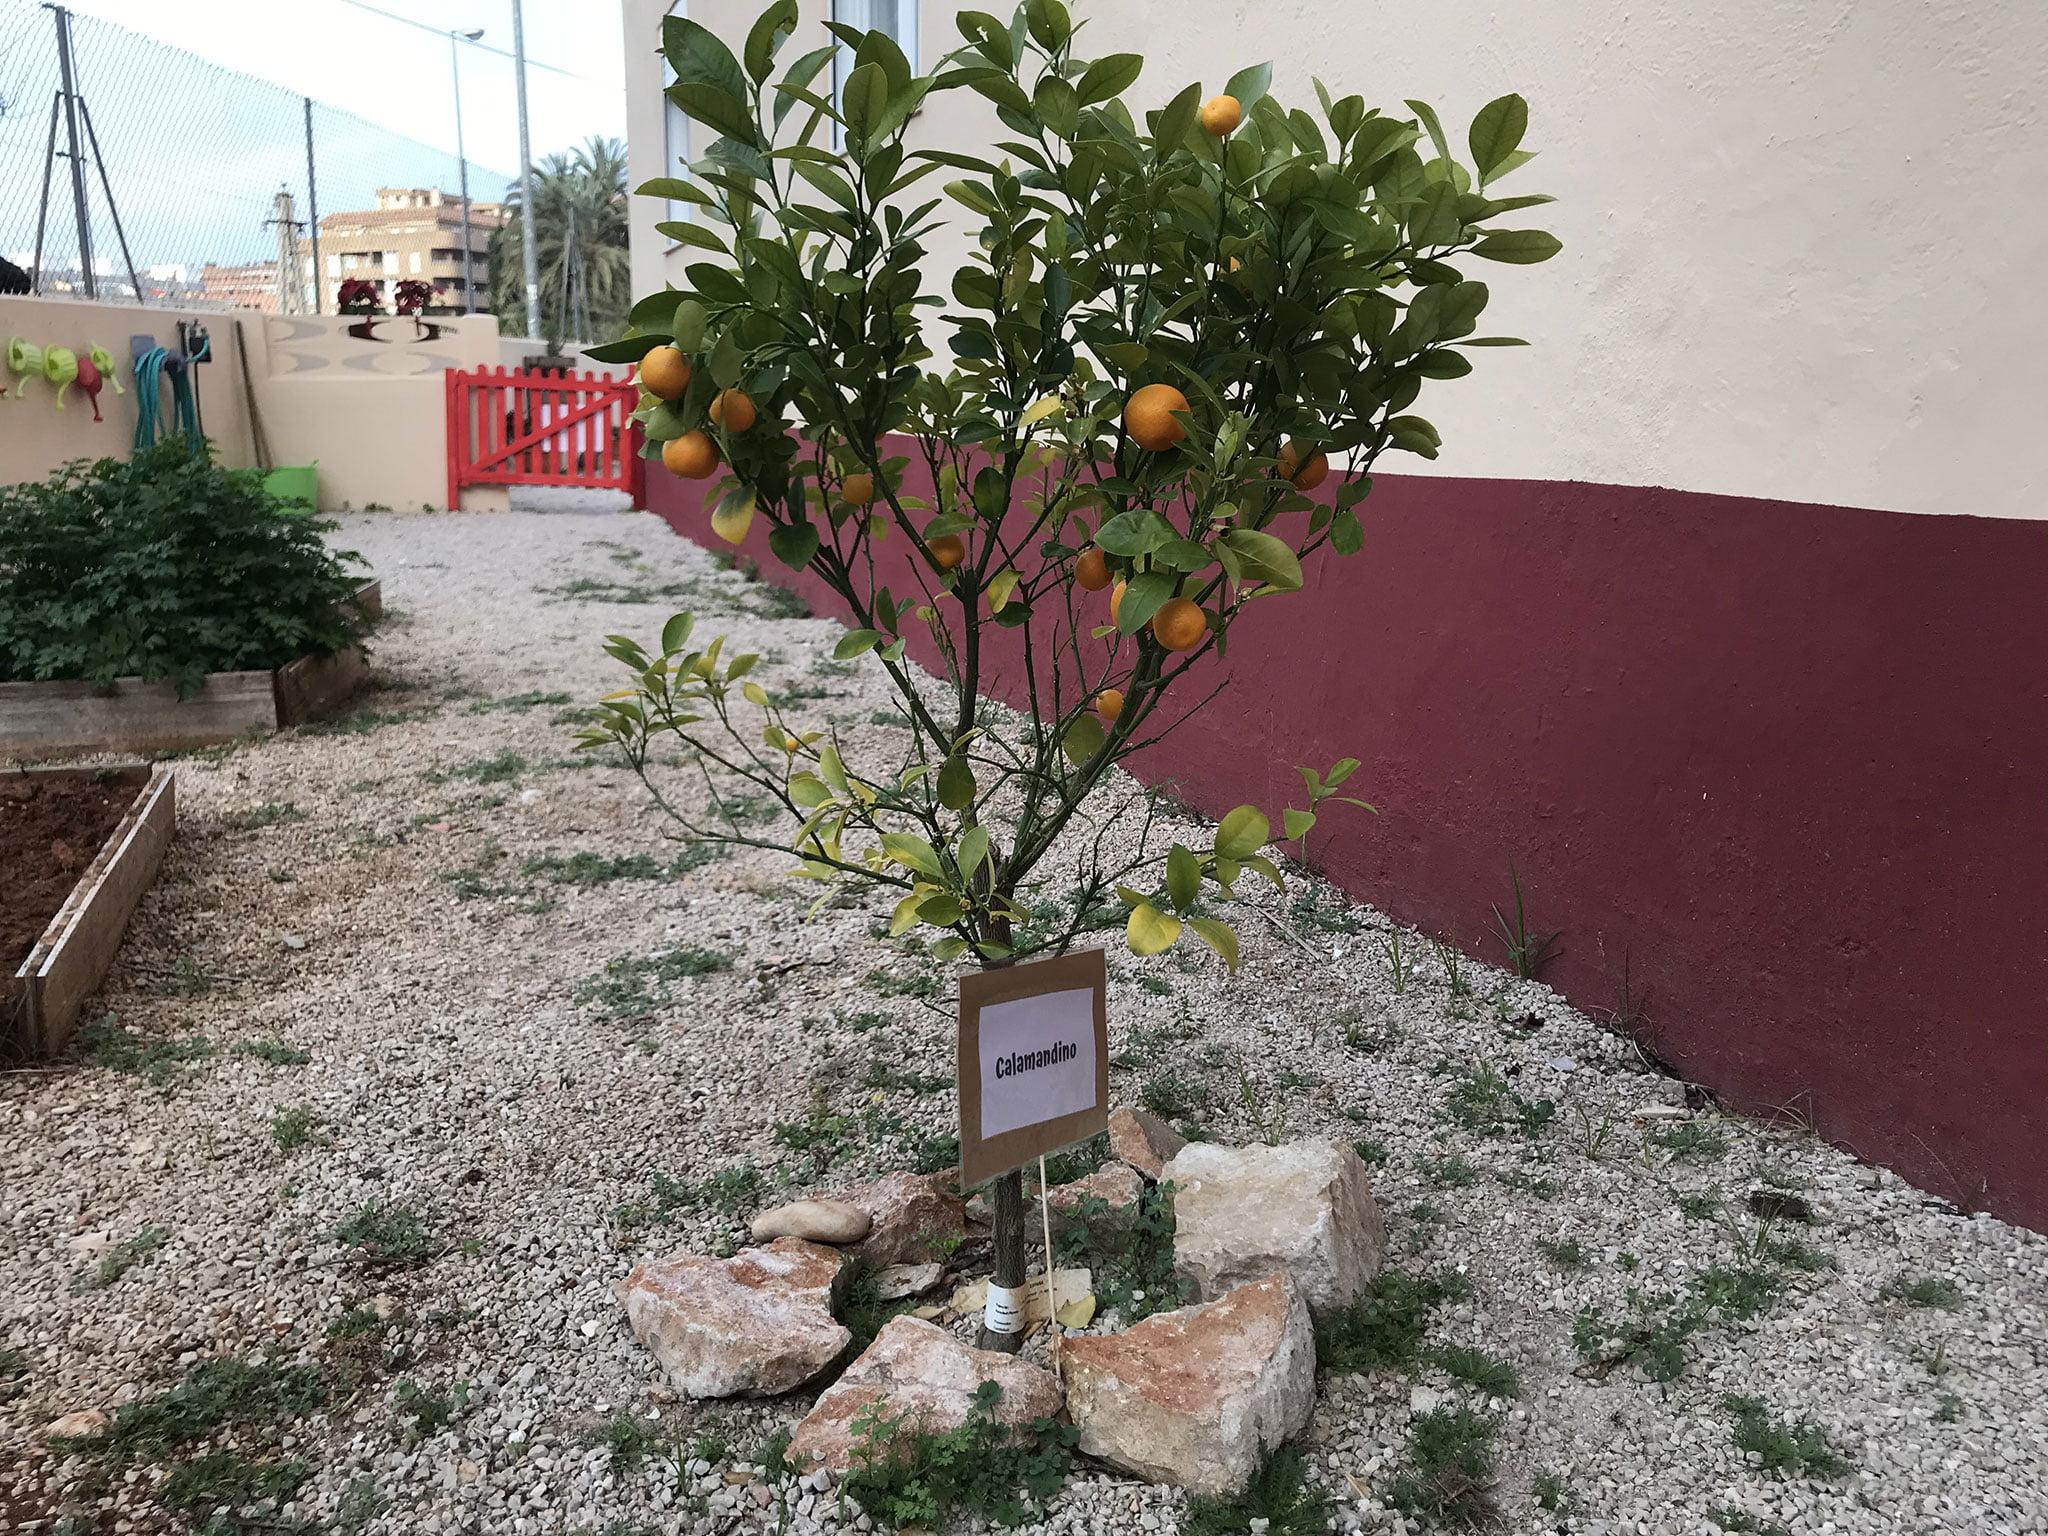 Arbre fruiter hort - Escoleta El Castellet